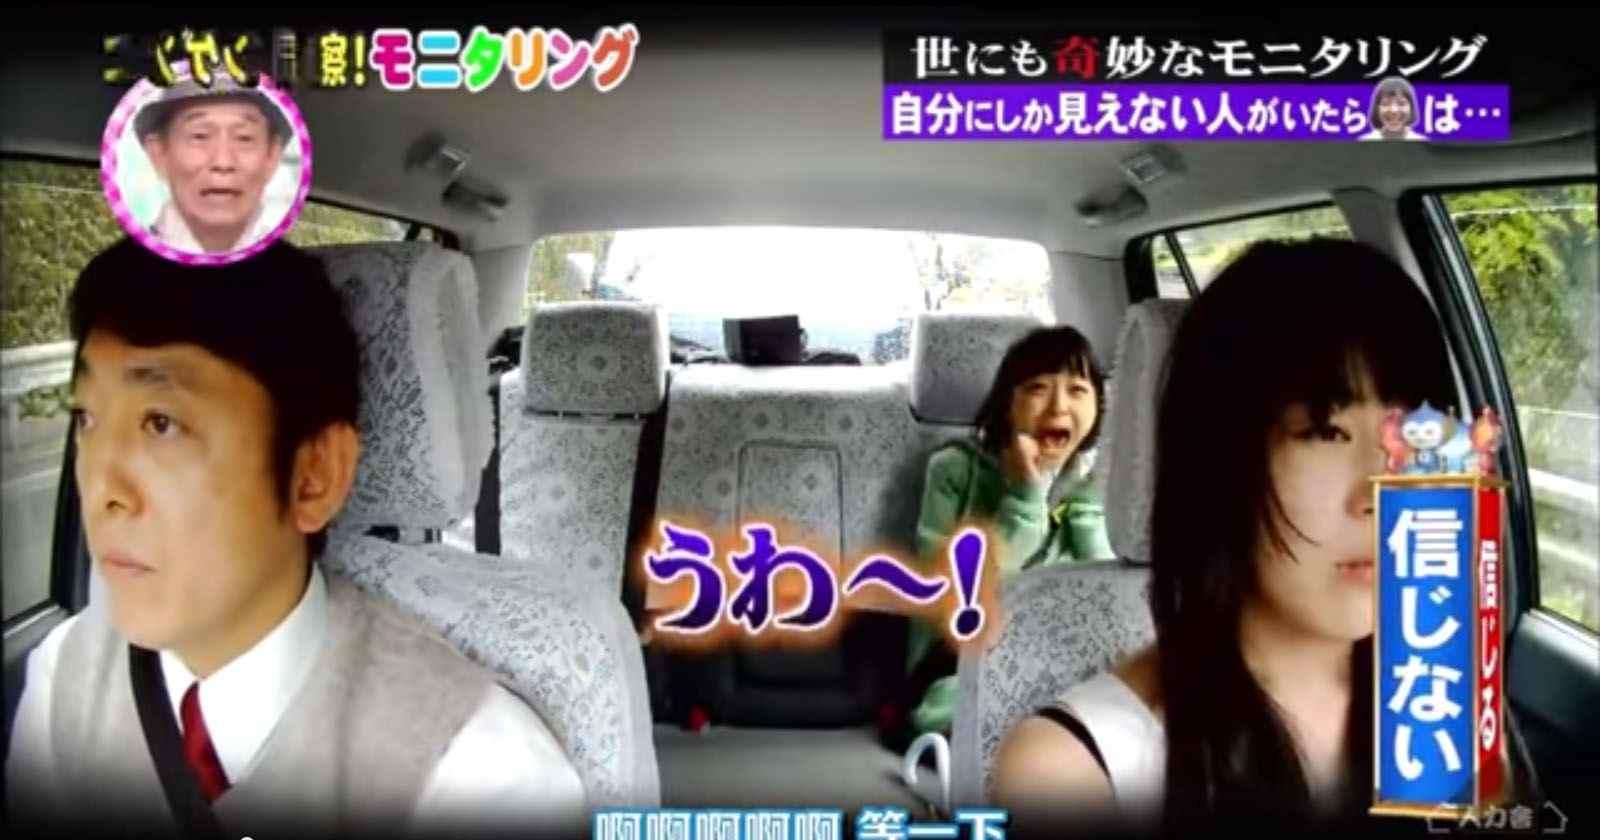 不老童顏41歲甜美聲優在計程車上遇到鬼她看得到司機卻看不到。超驚恐的爆笑反應害我笑到崩潰 (圖+影)